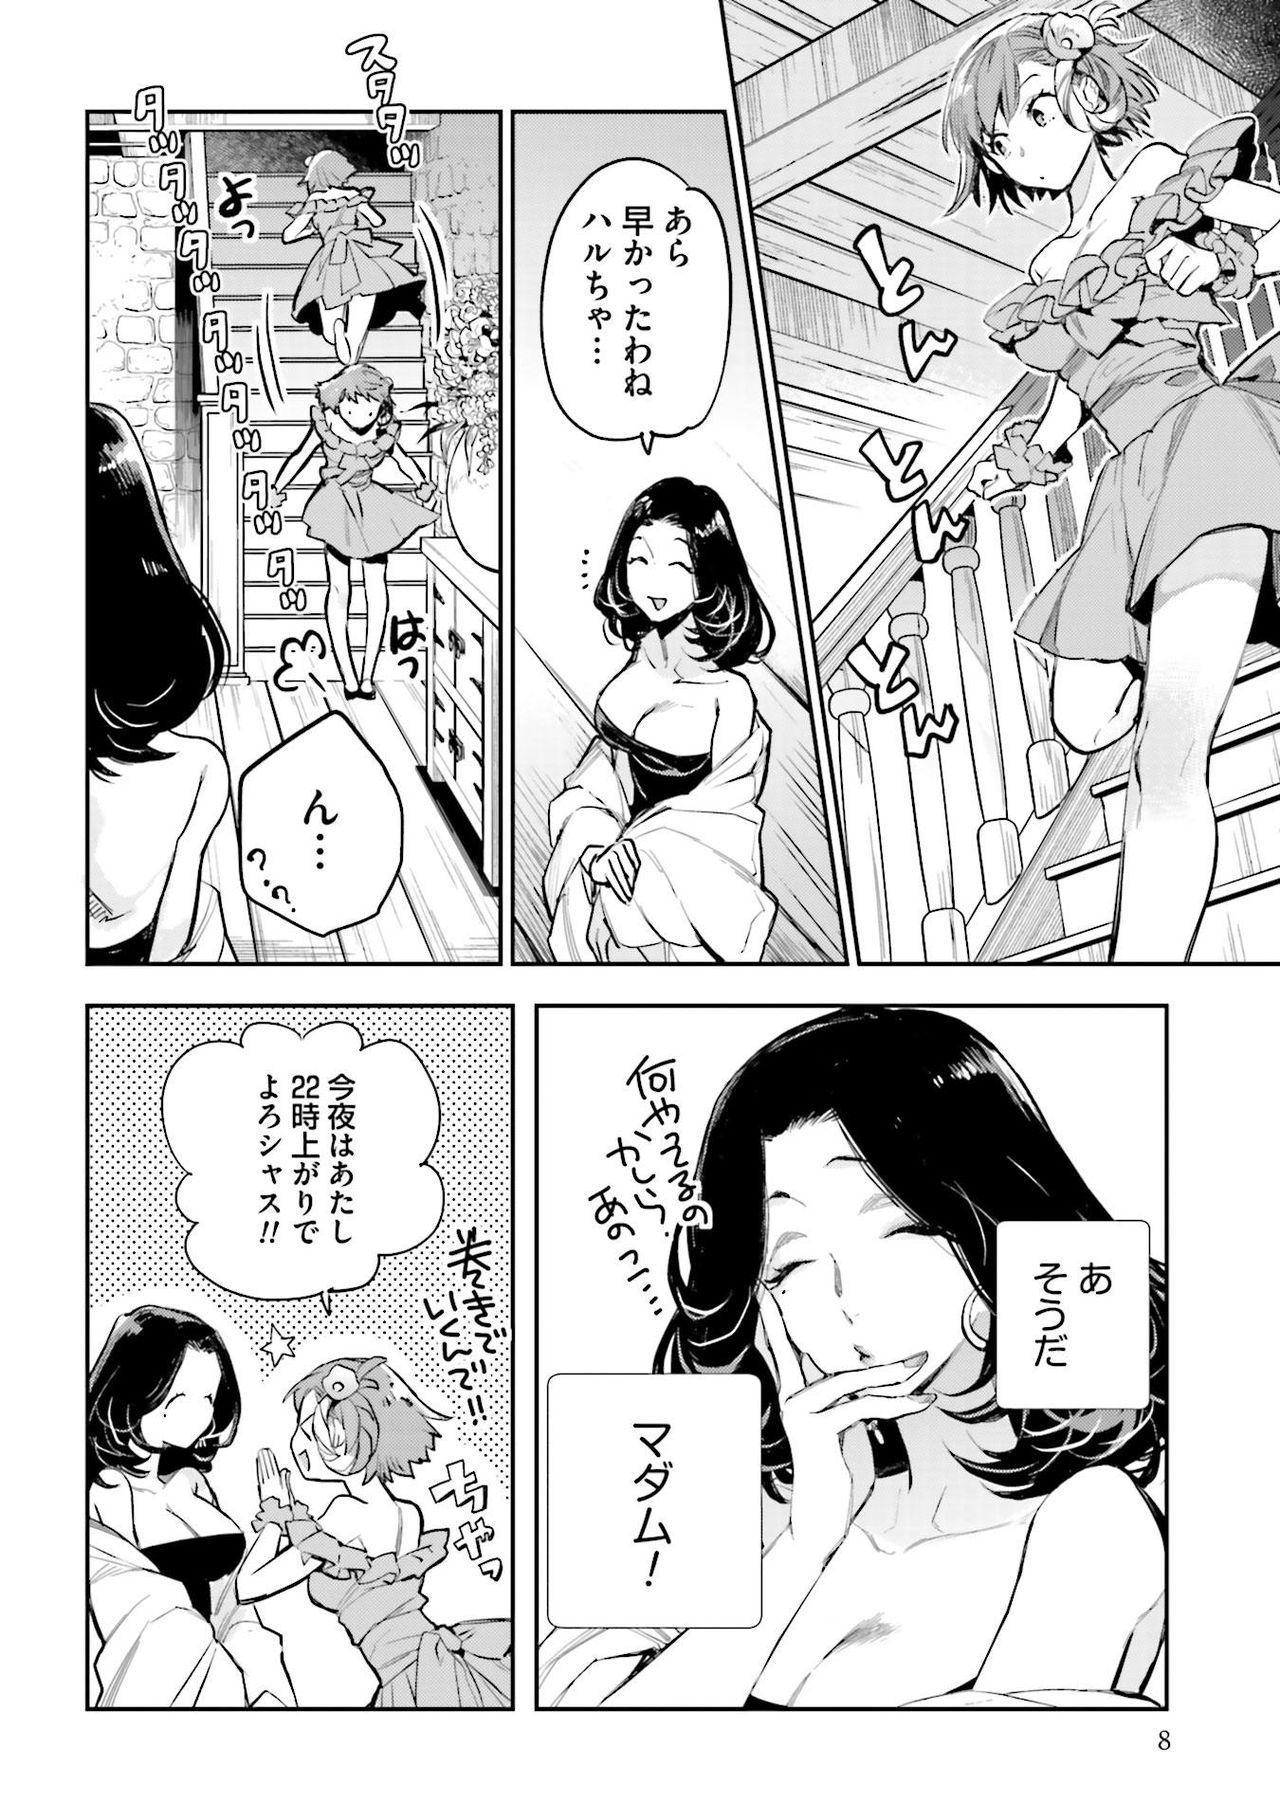 JK Haru wa Isekai de Shoufu ni Natta 1-14 367